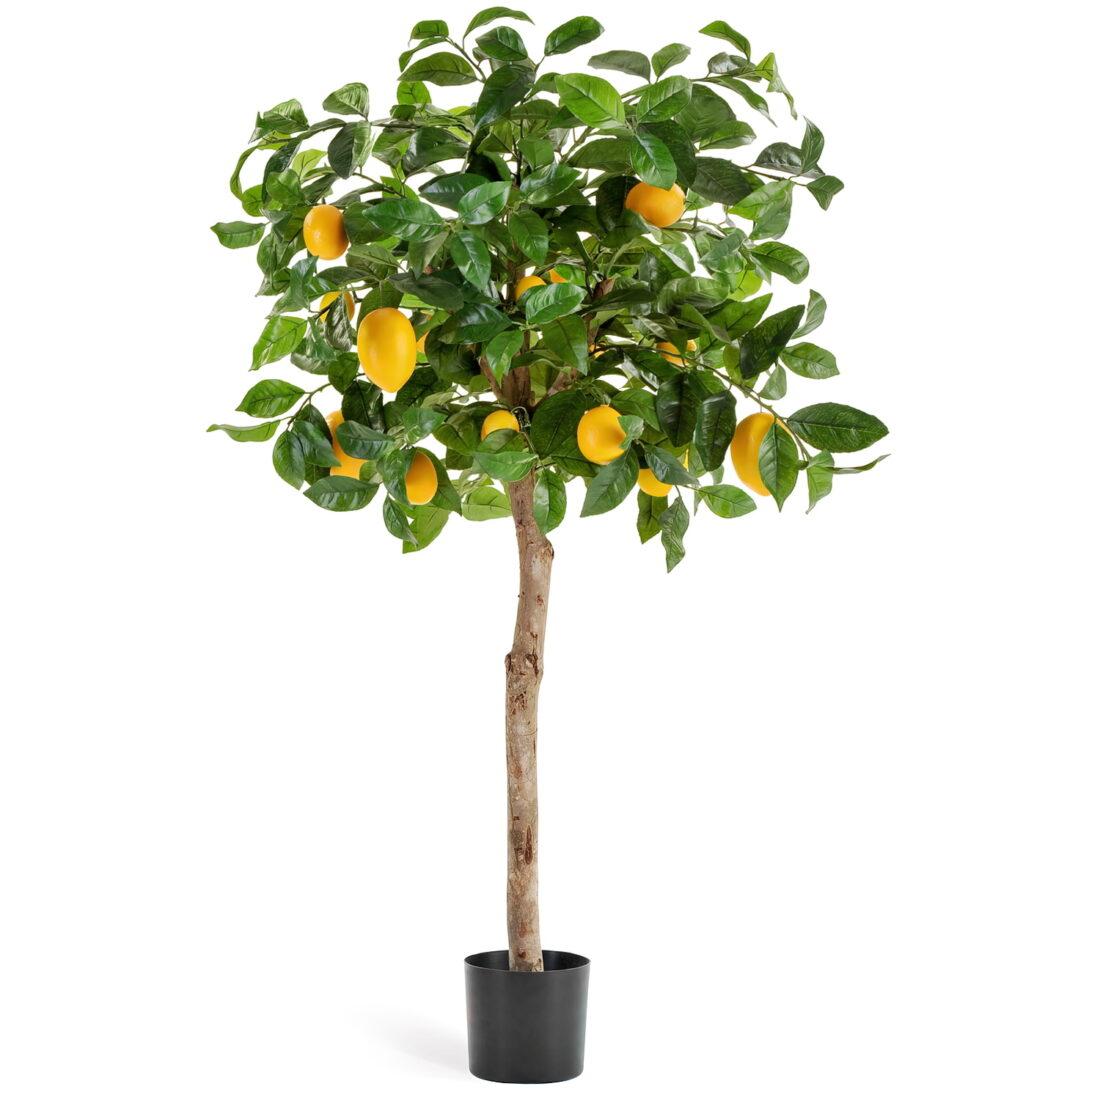 Искусственное растение Лимонное дерево с плодами, высота 110 см